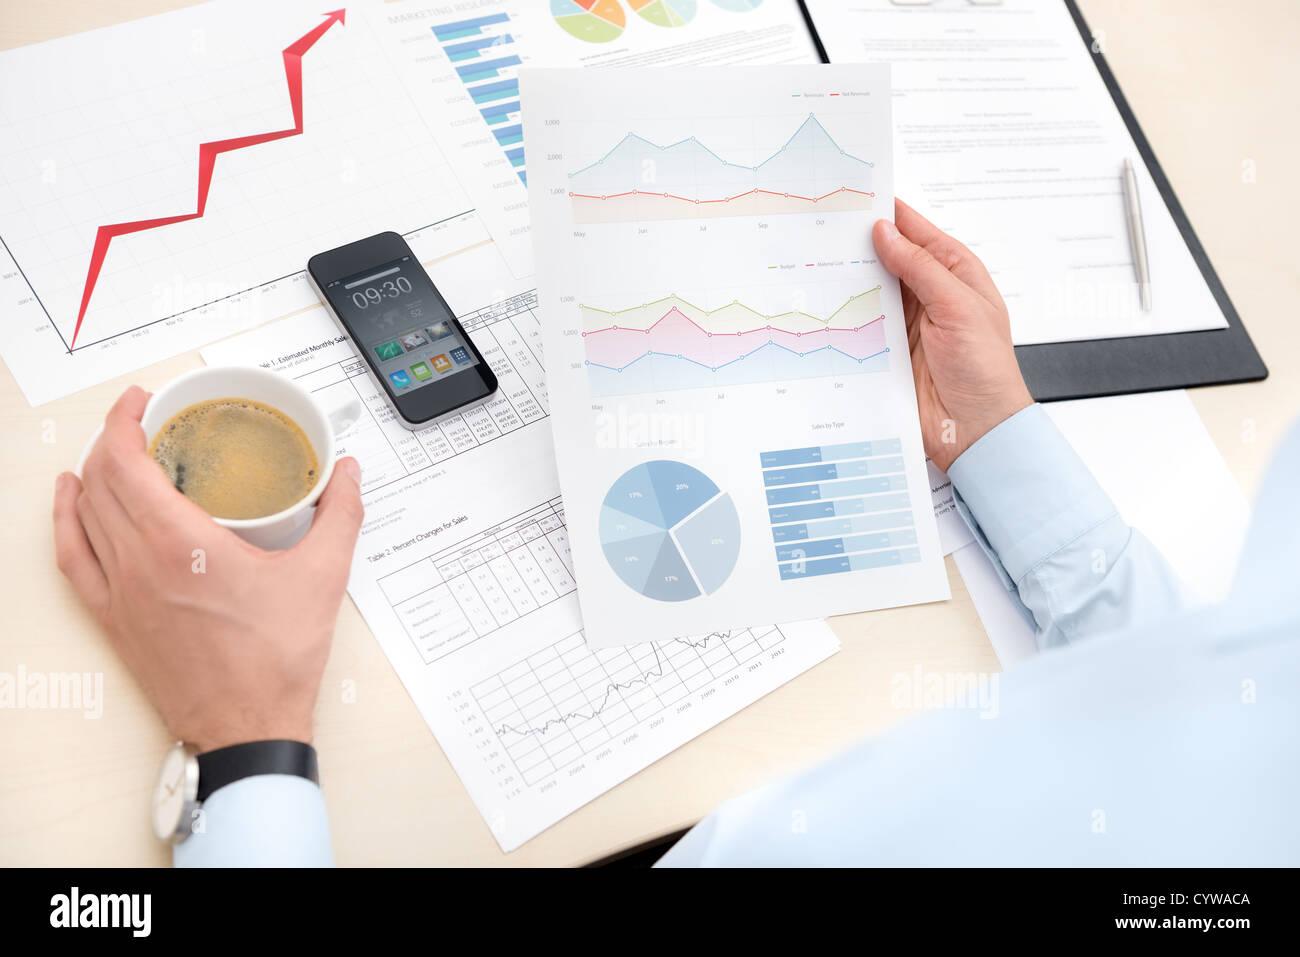 Imprenditore sul posto di lavoro bere il caffè e guardando alcune carte con i grafici e i numeri. Immagini Stock